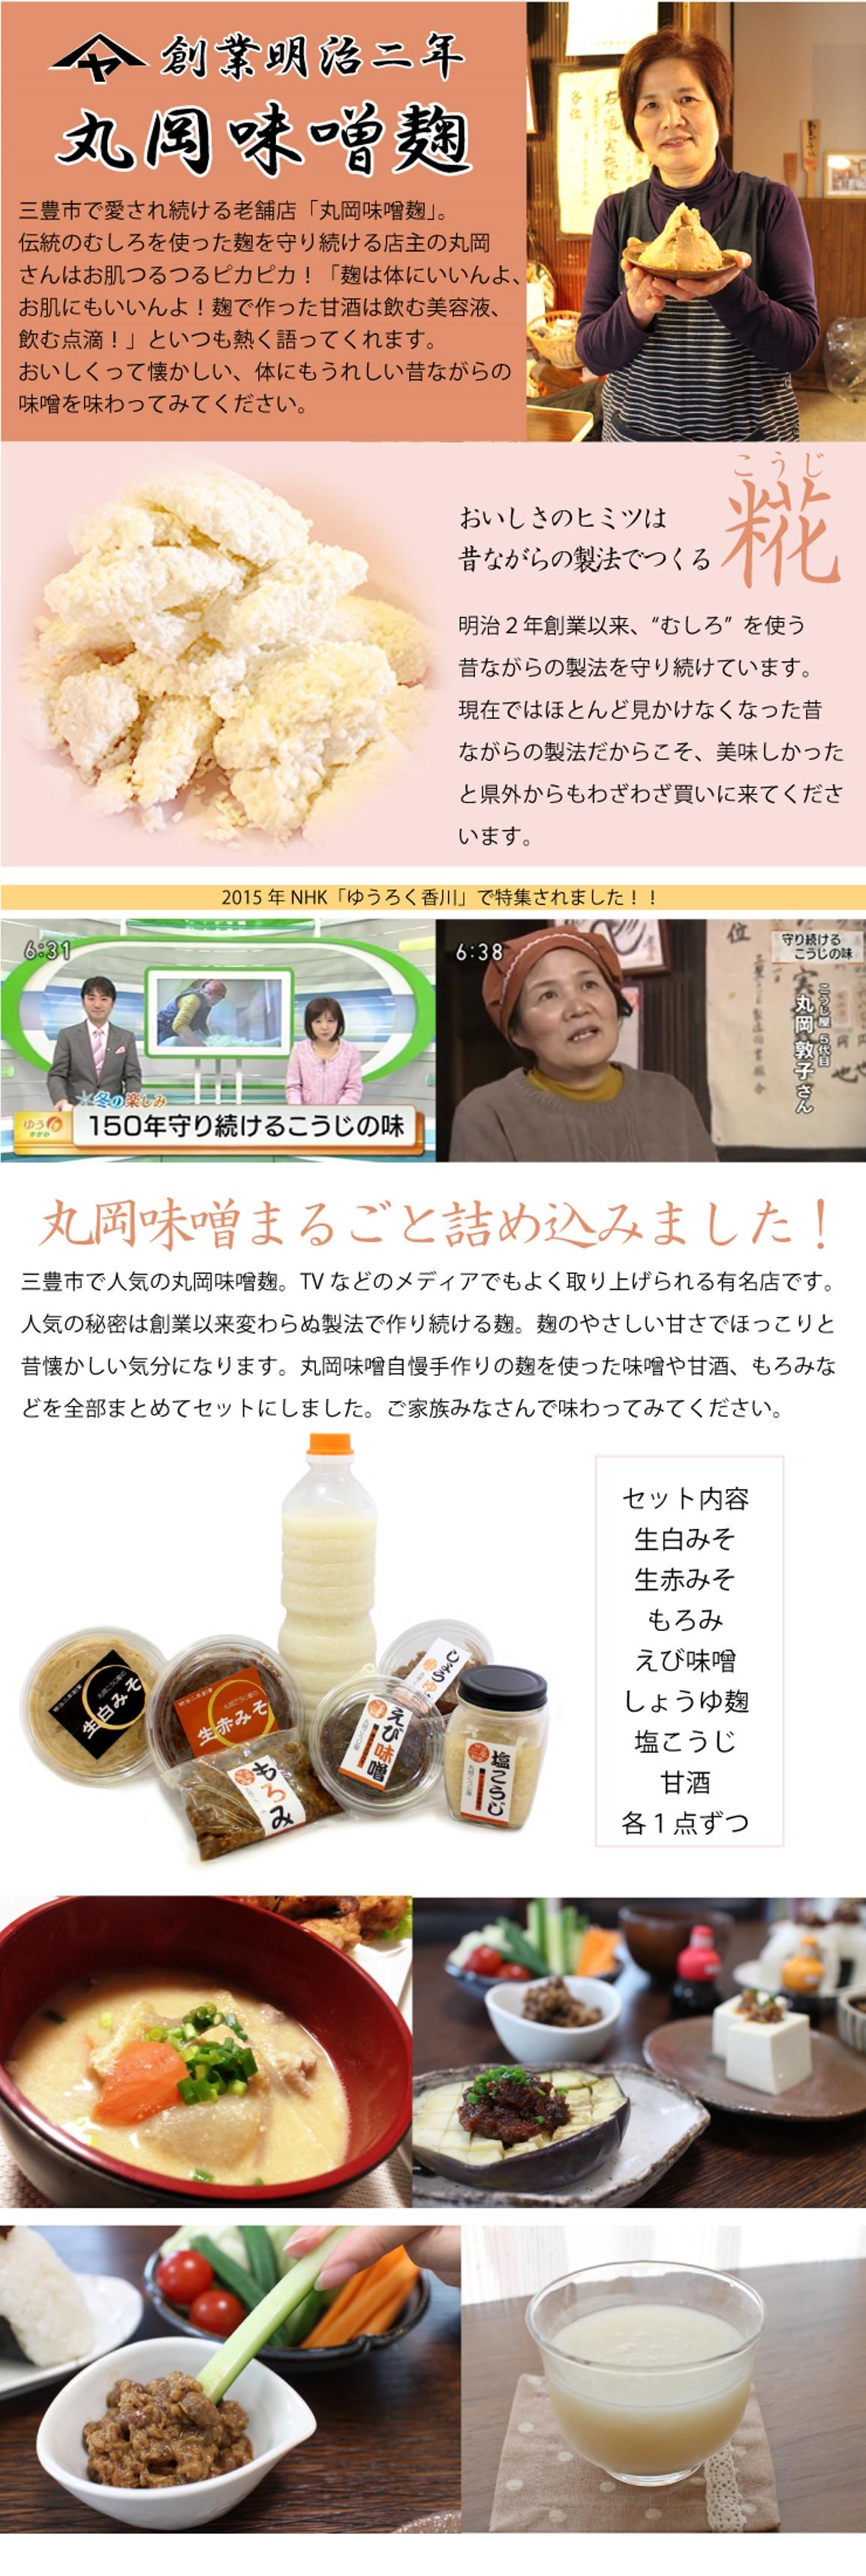 お味噌・塩こうじ・しょうゆ糀・もろみ・えび味噌・甘酒がセットになった、丸岡味噌麹の商品を味わい尽くすギフトセットです。